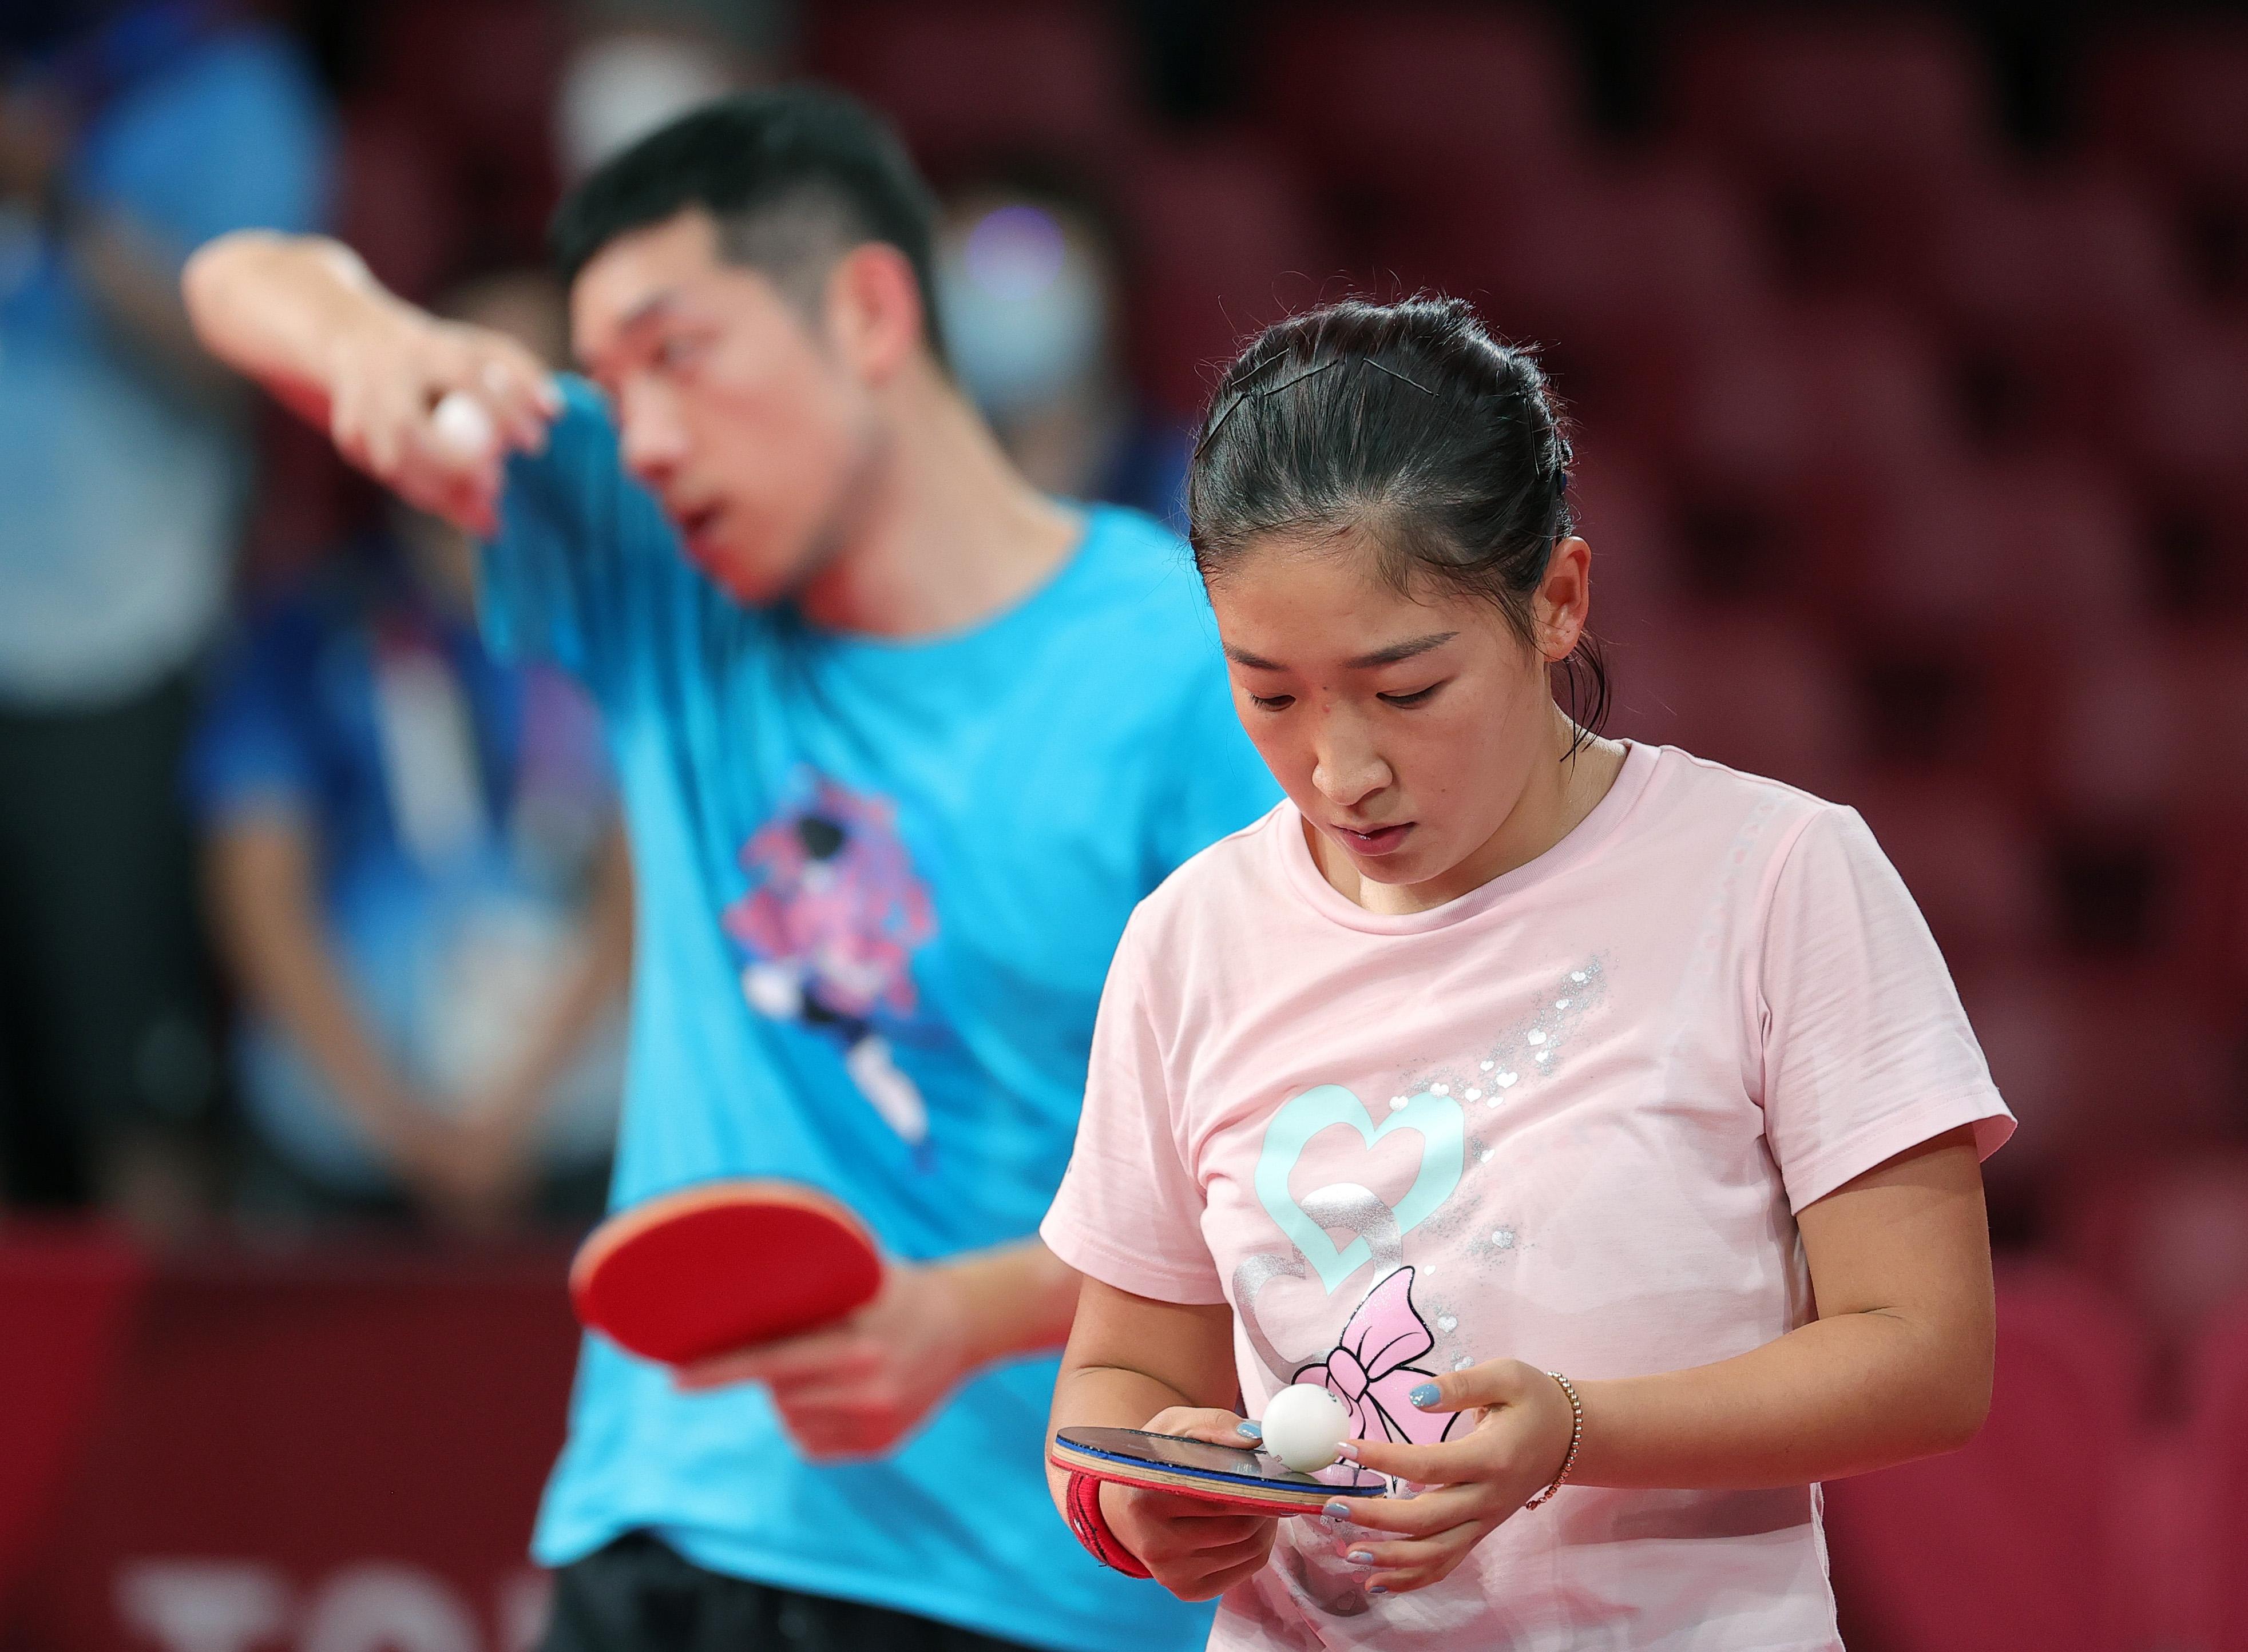 7月21日,刘诗雯(前)和许昕在训练。新华社记者 王东震 摄